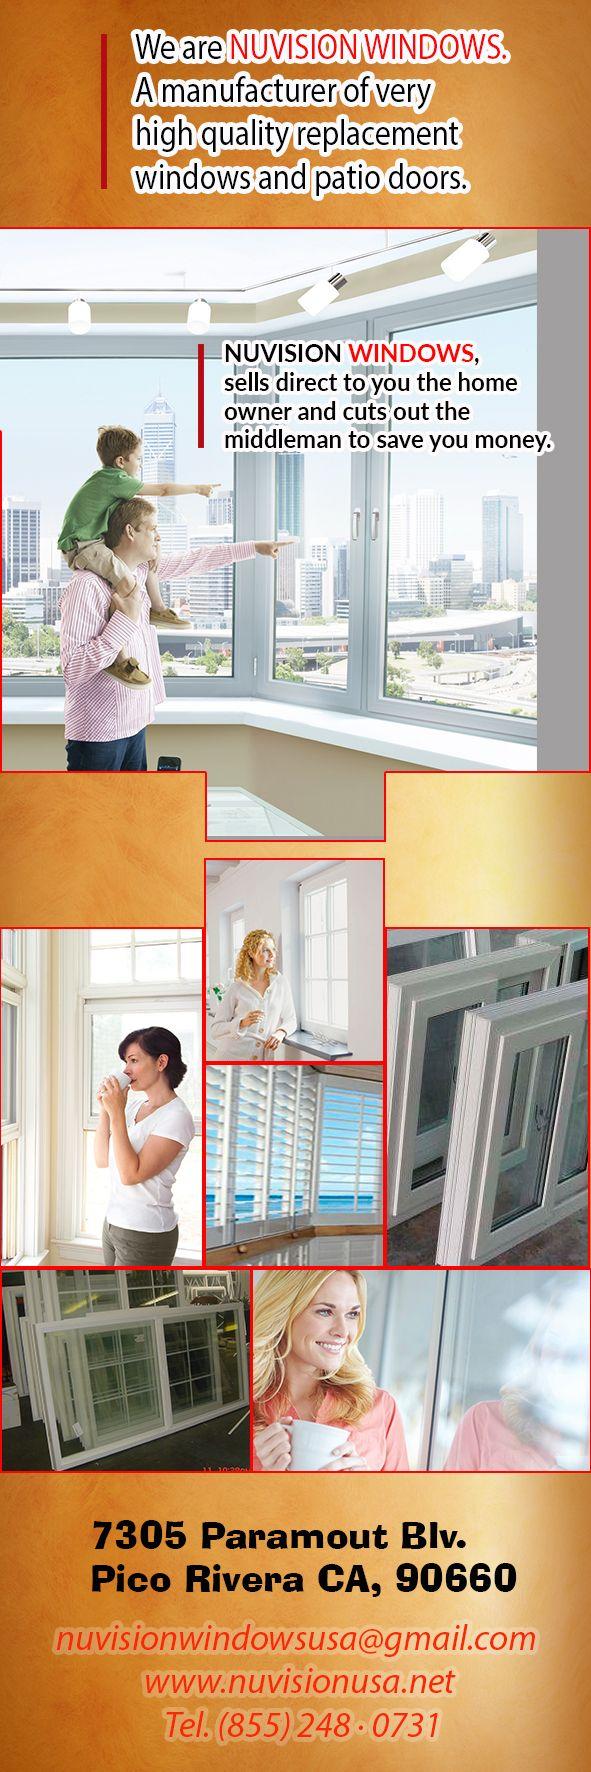 Fabricación de puertas y ventanas, somos fabricantes precios sin intermediarios, alta calidad de productos y garantía de todos nuestros productos. Vynil patio doors, vinyl Windows and vinyl shutters, llámenos ahora o vístenos en nuestras instalaciones.